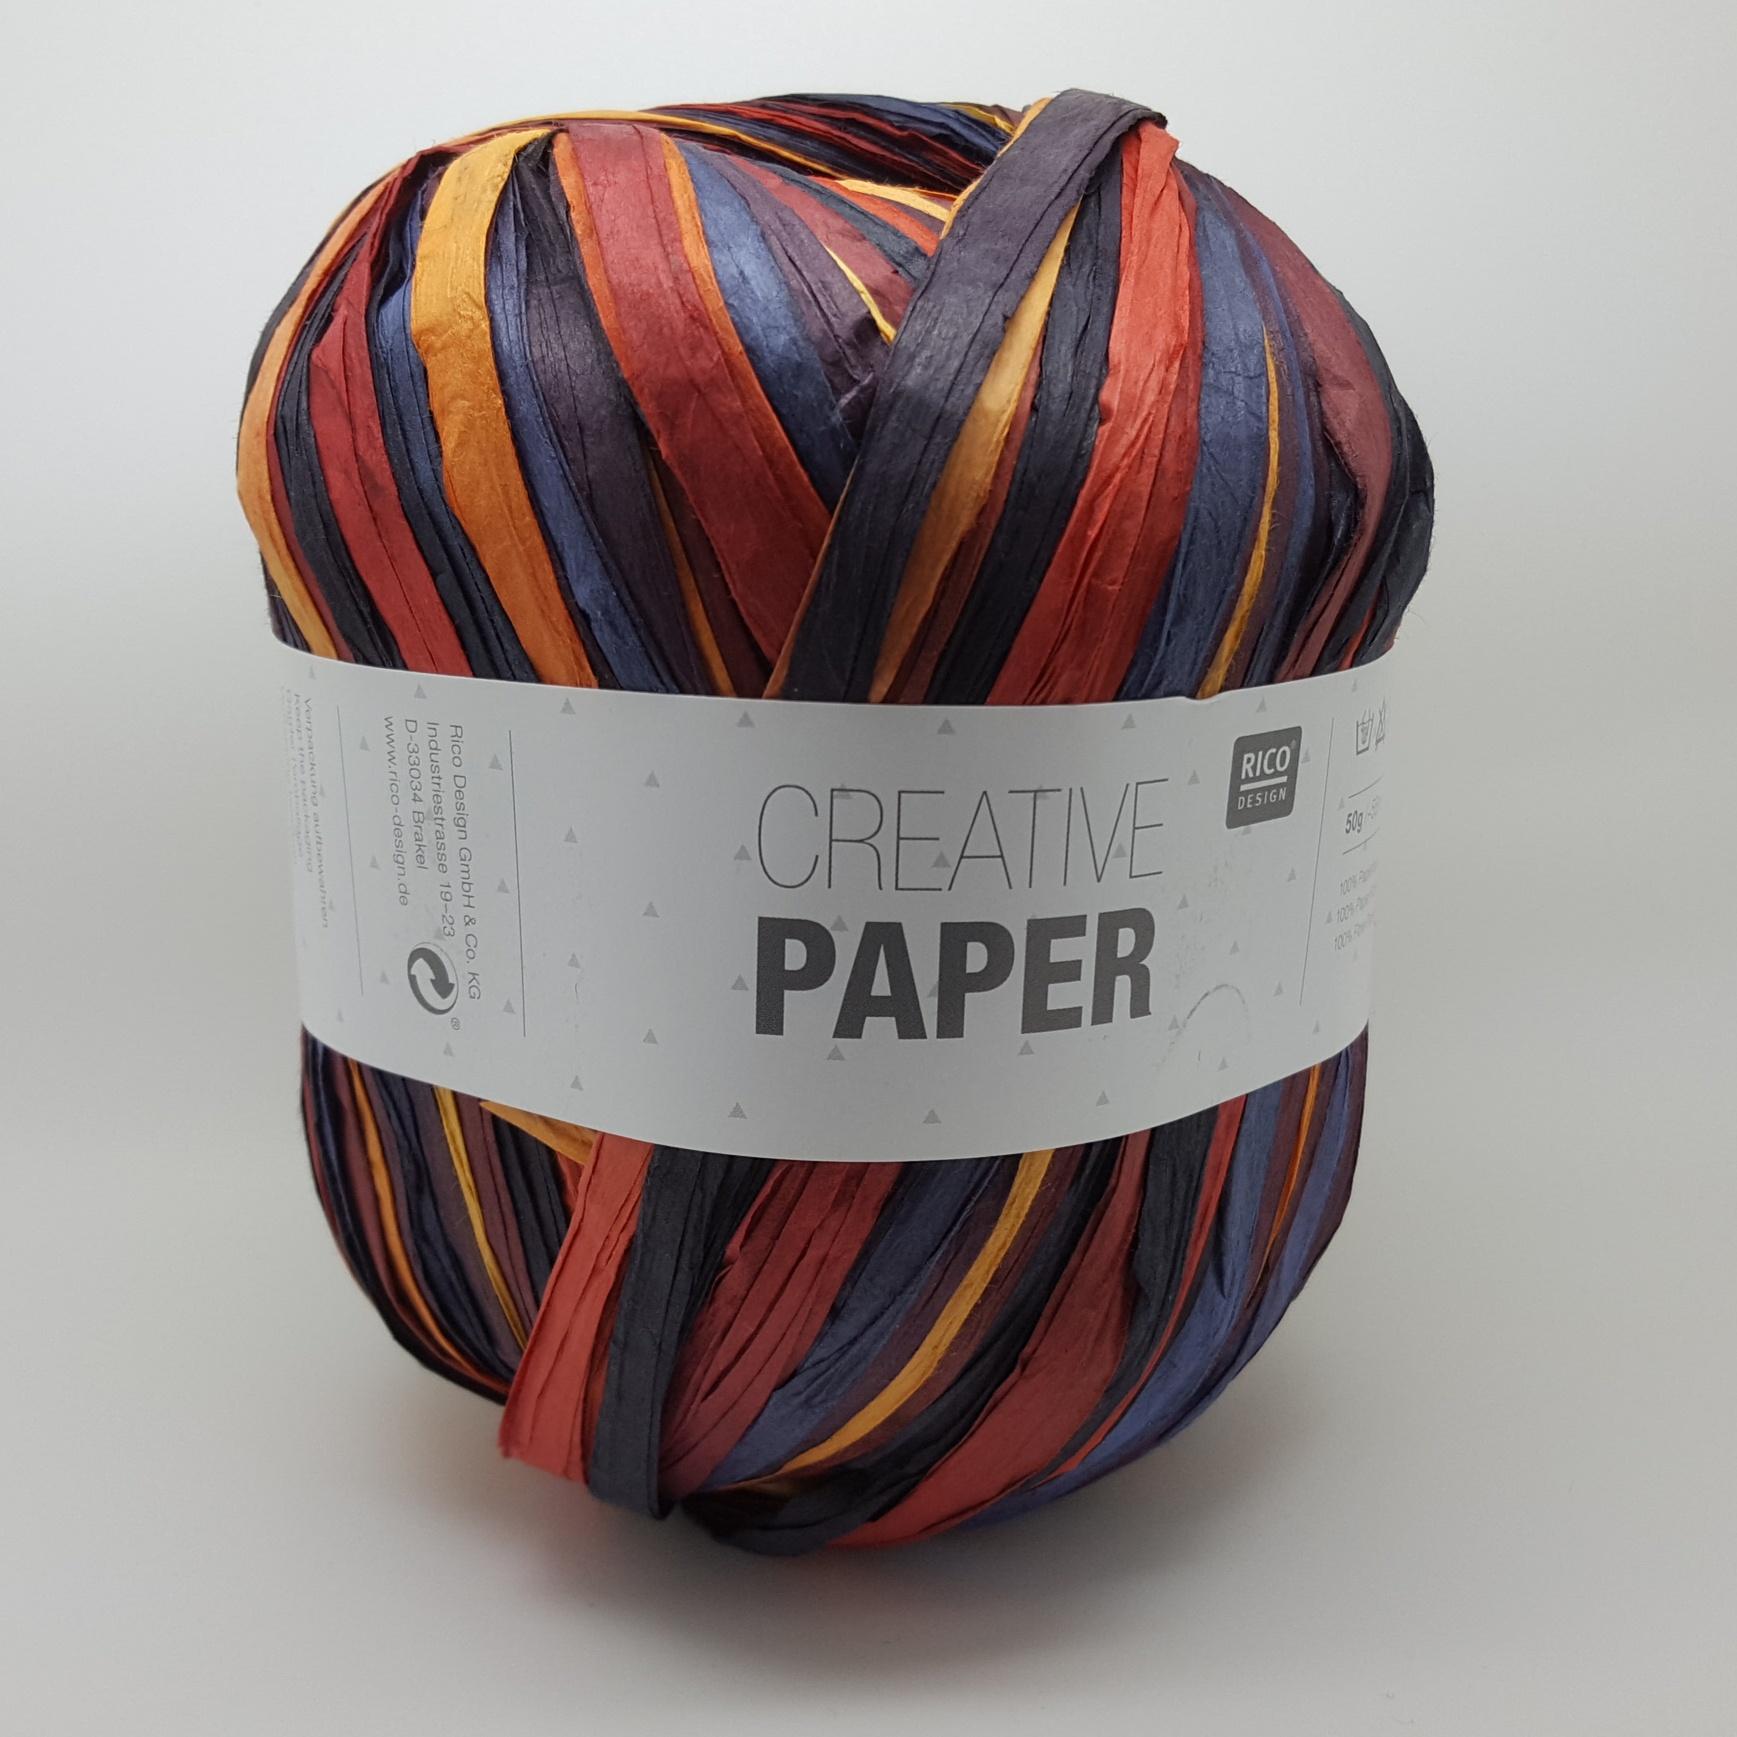 Rico Paper